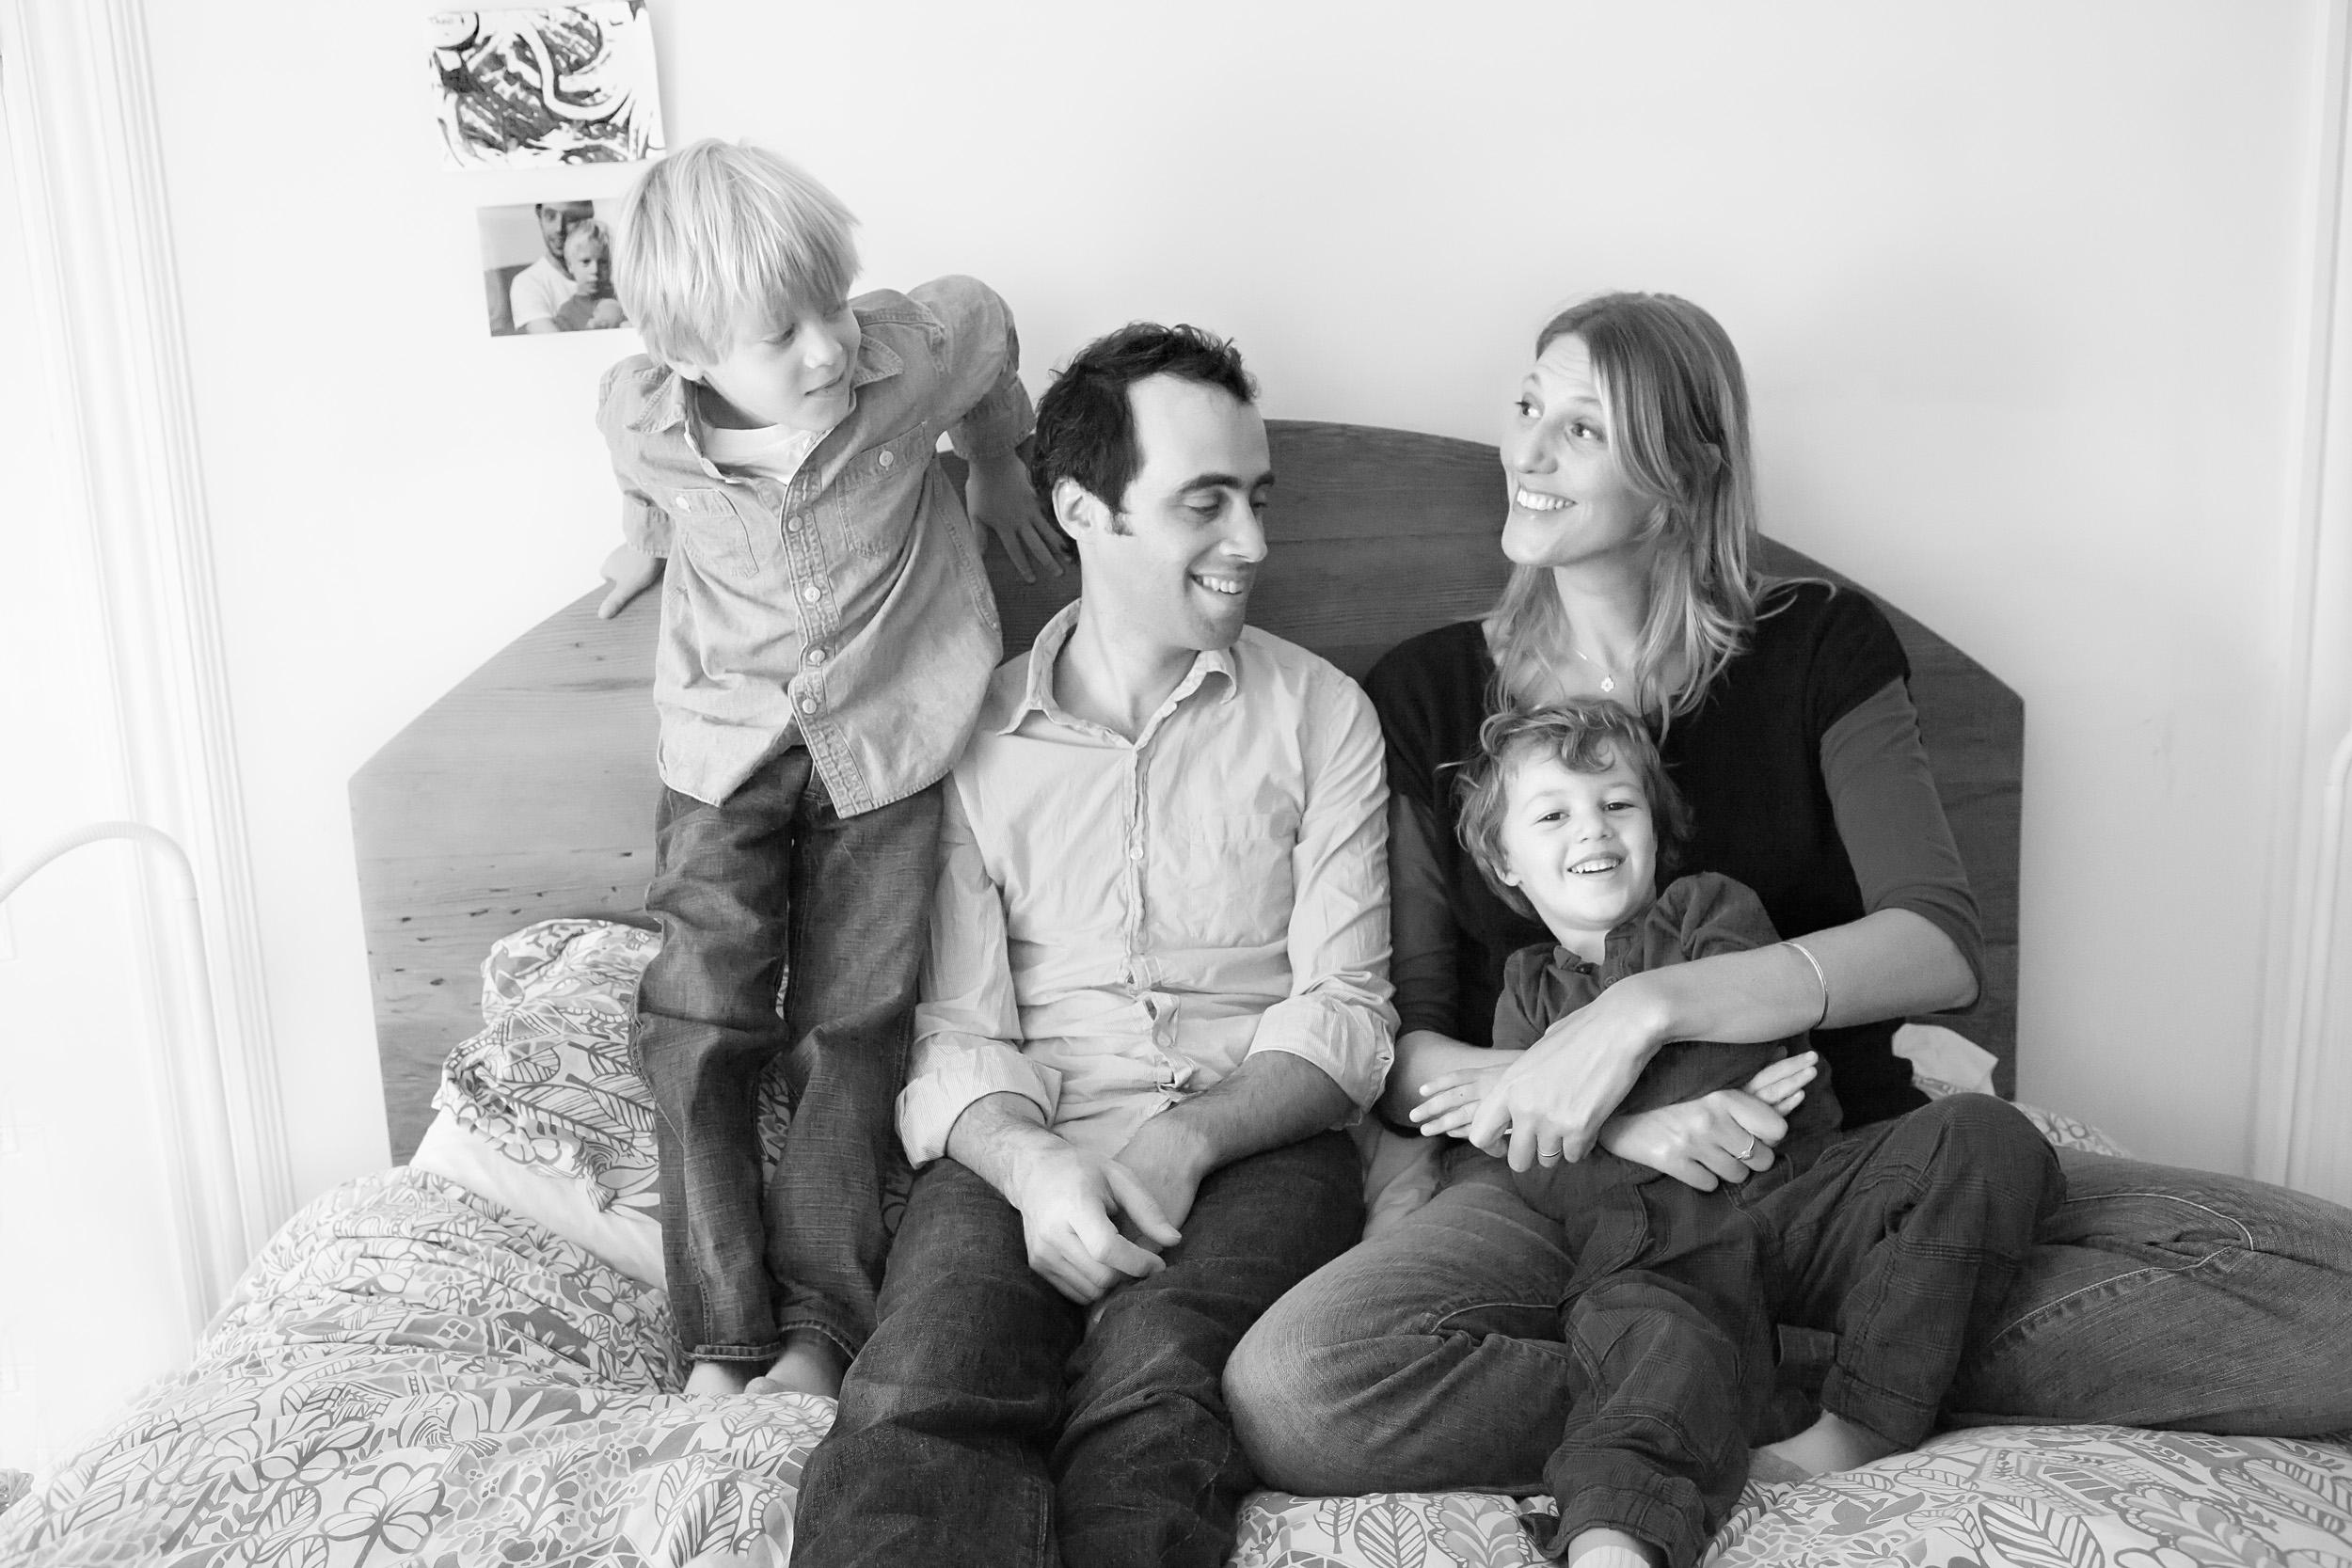 family_bed_bw.jpg